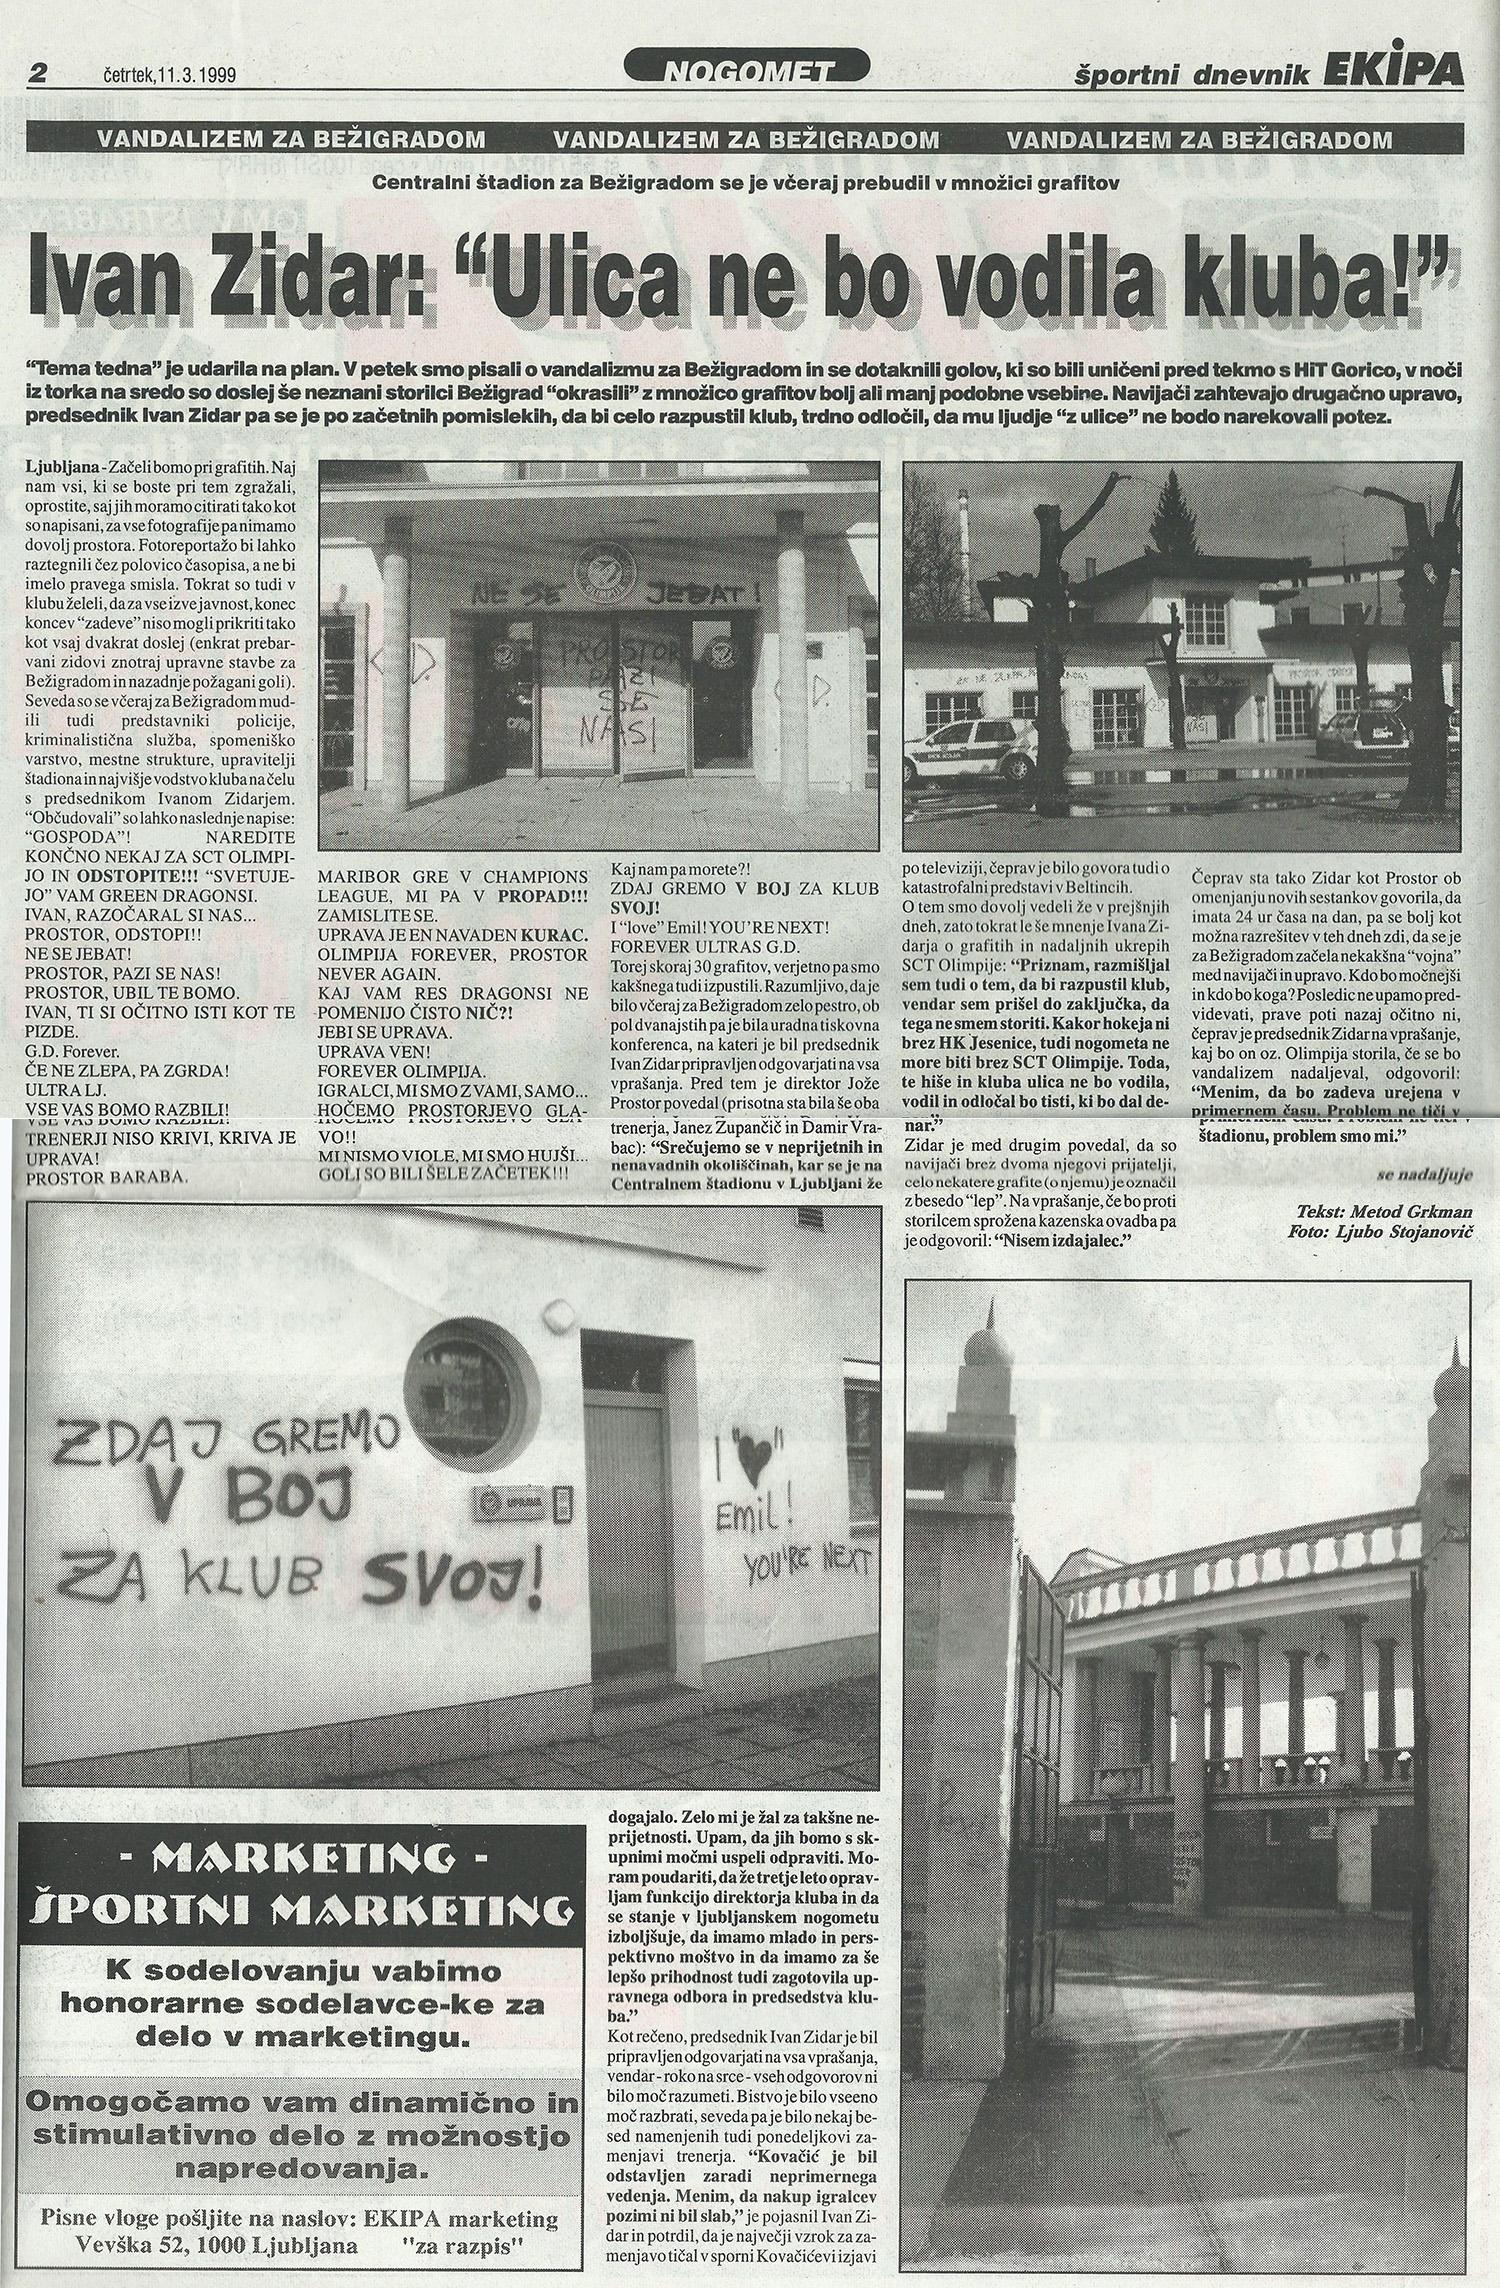 KZN_11-3-1999_1_1500px